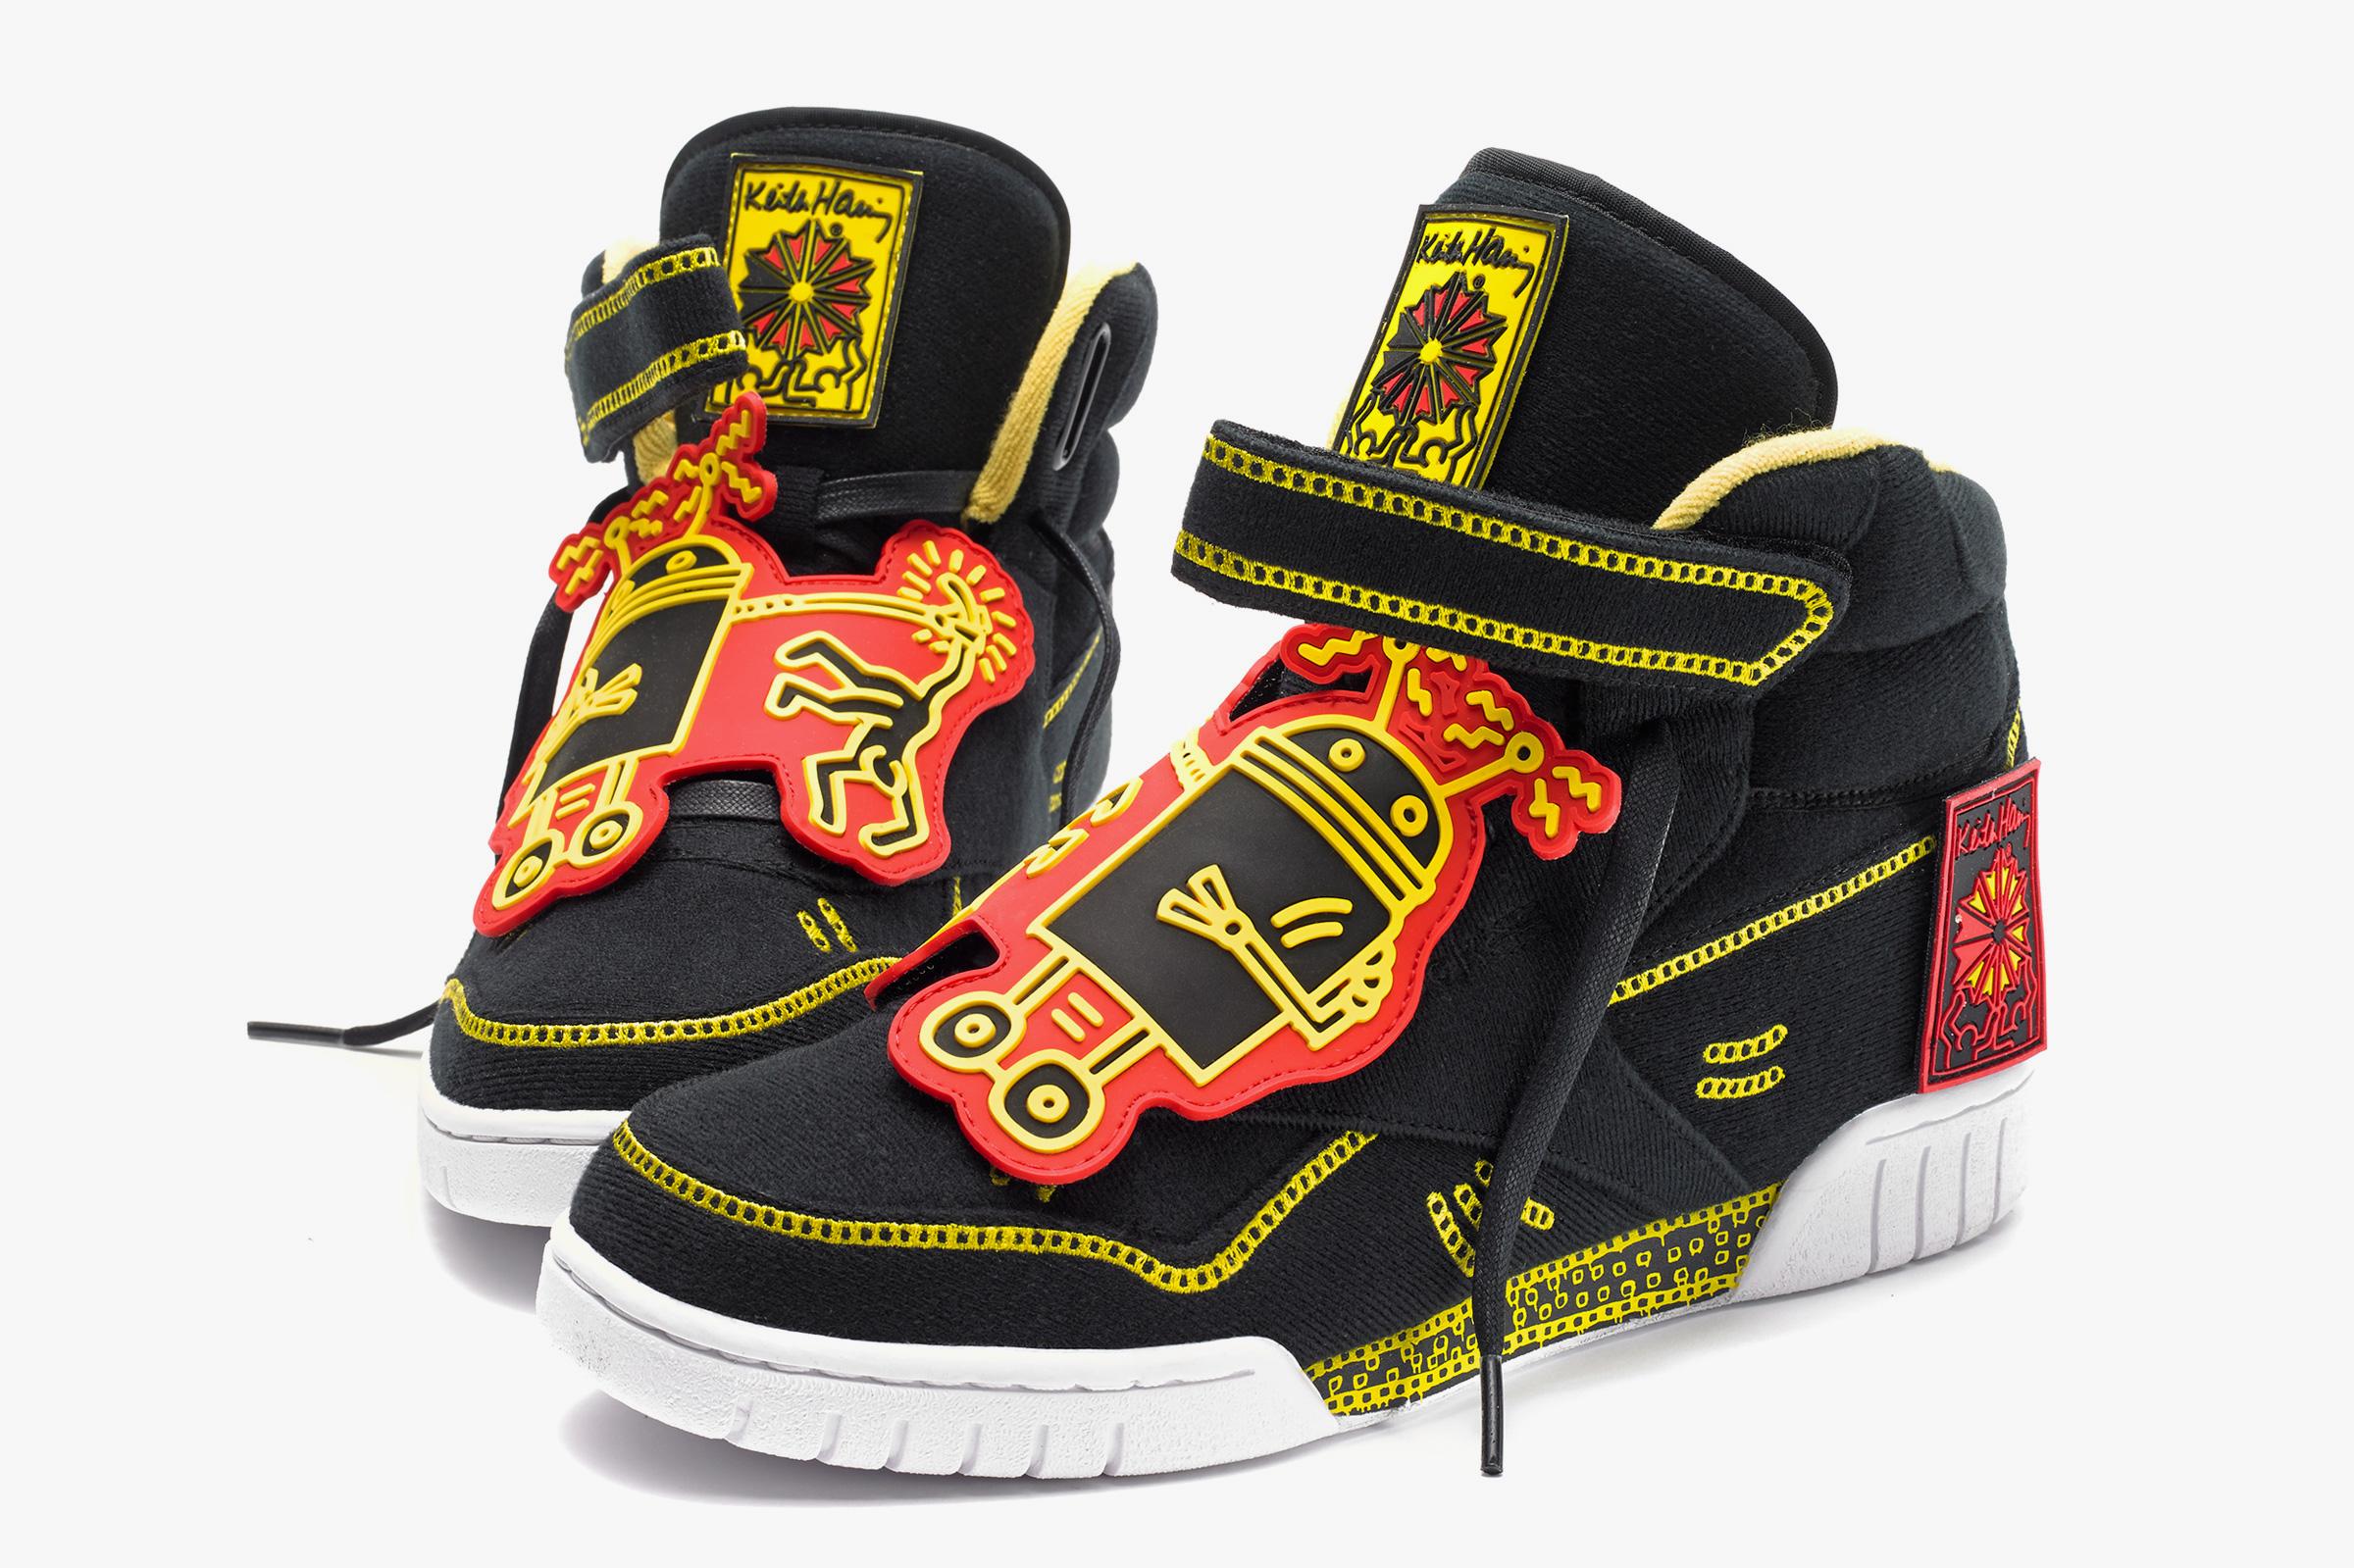 Zapatillas Reebok de Keith Haring negras y amarillas